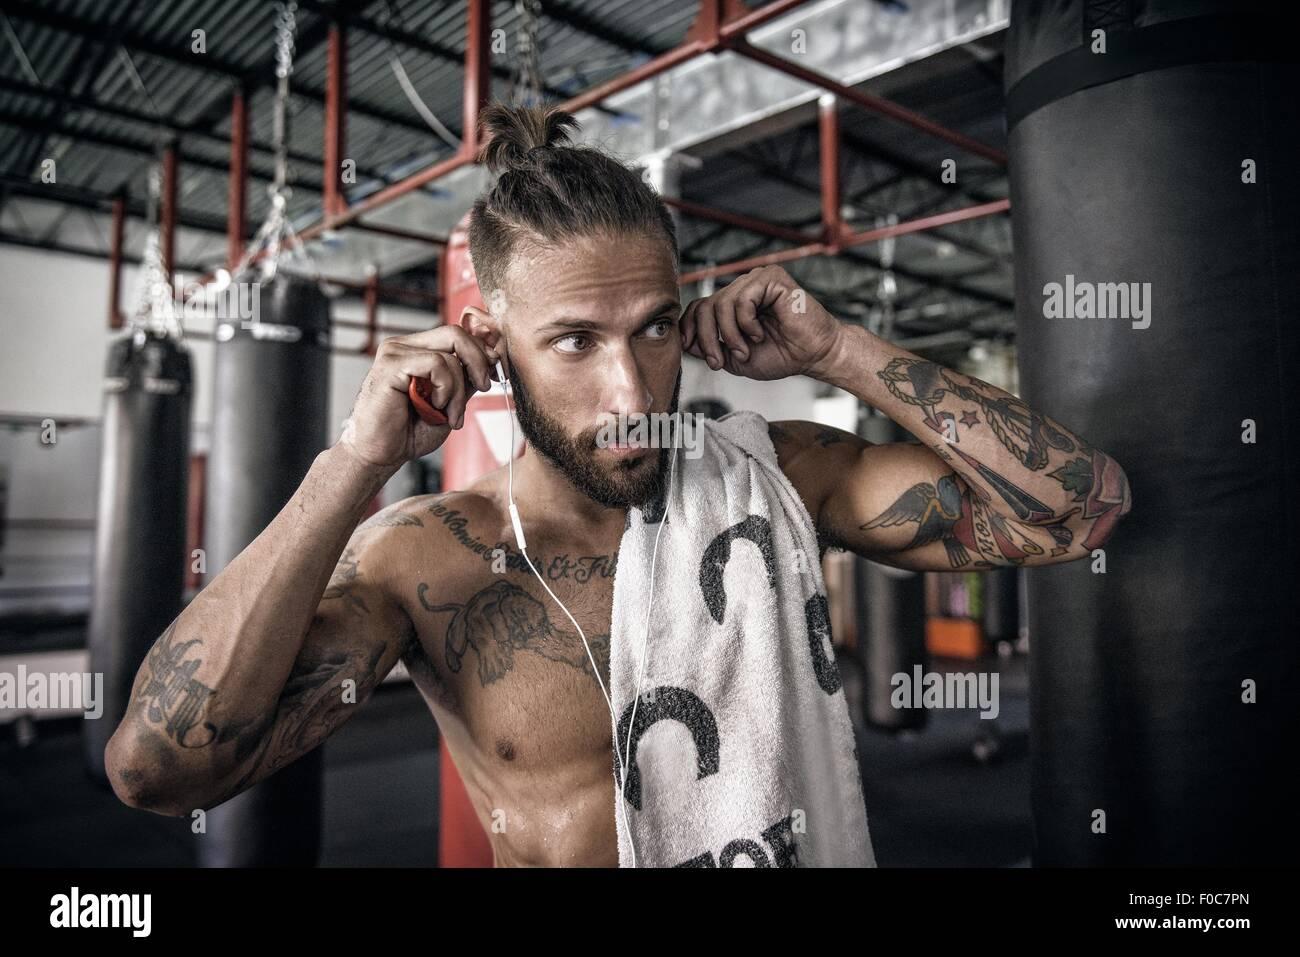 Boxer Masculino poniendo en auriculares en el gimnasio Imagen De Stock